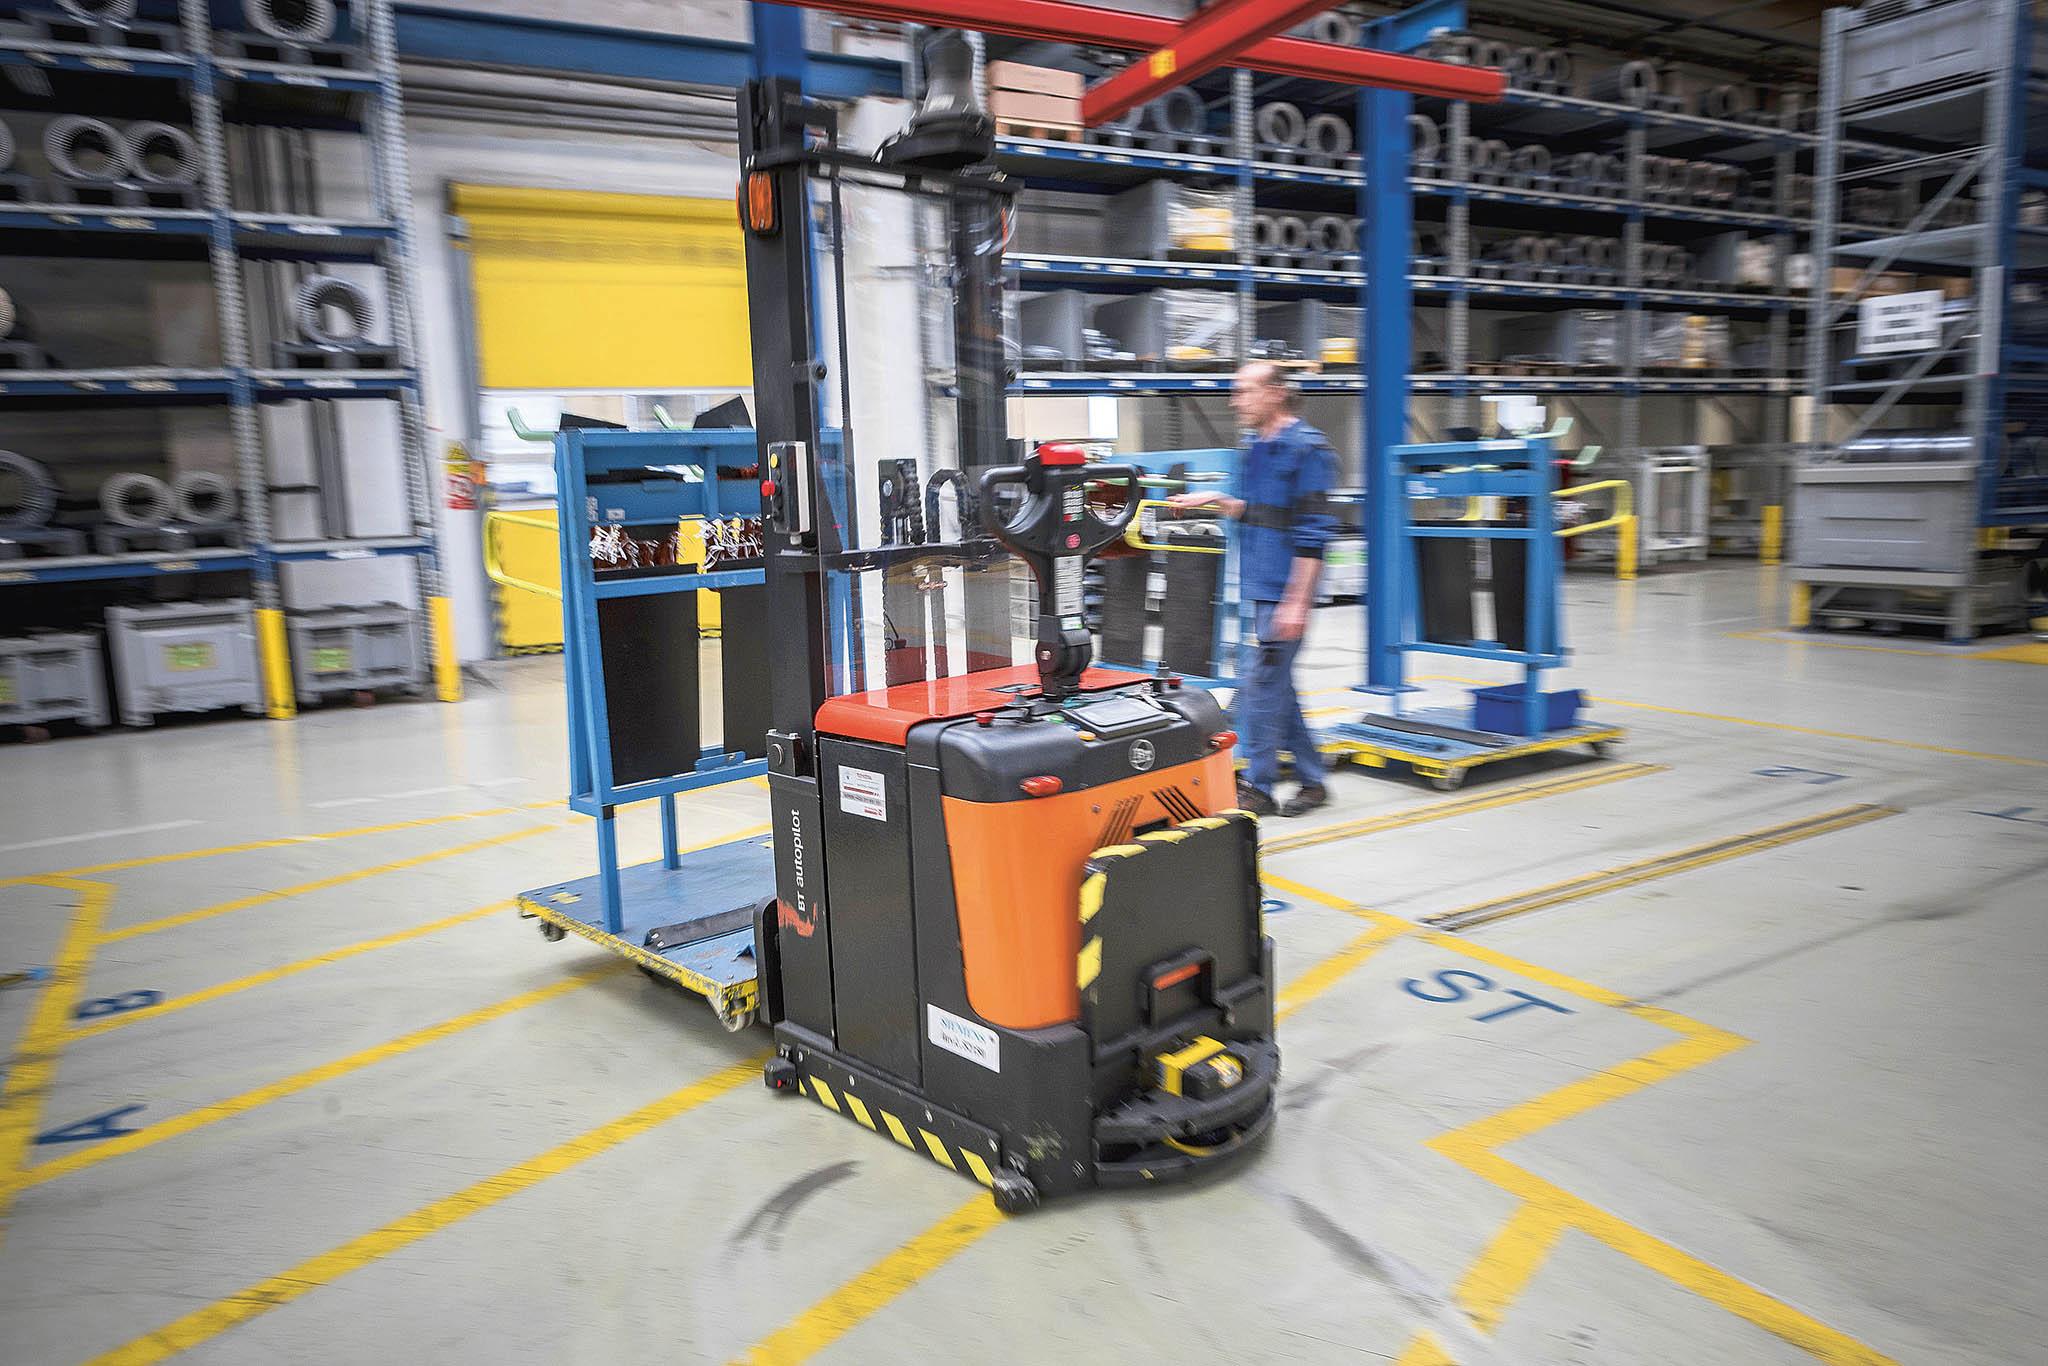 Siemens využívá simulaci pomocí technologie digitálních dvojčat ve své továrně ve Frenštátu pod Radhoštěm při vývoji nových výrobků, ale ipro plánování interní logistiky.